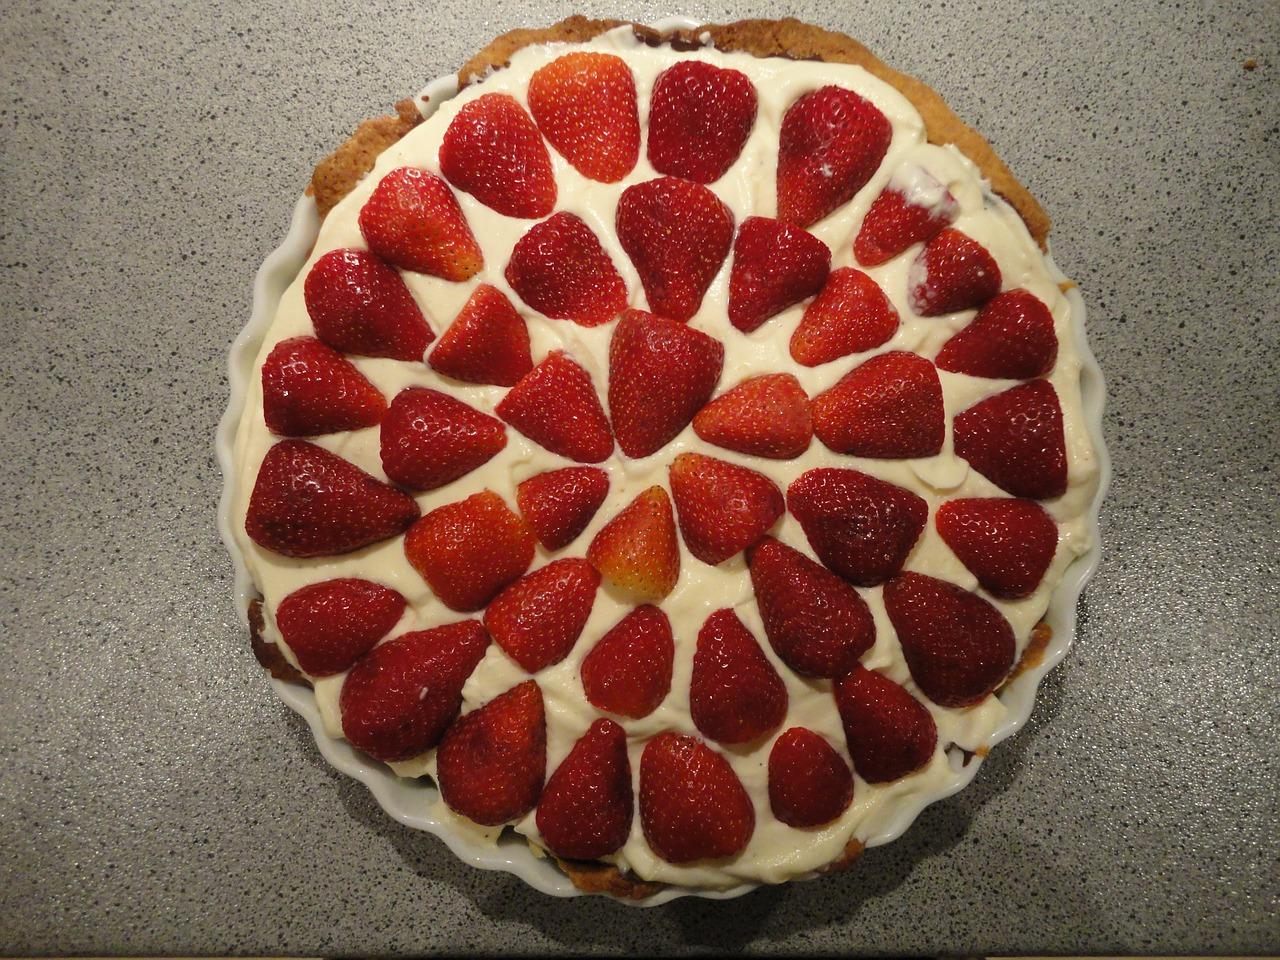 Børnefødselsdag Inspiration jordbærtærte opskrift alletidersdag børnefødselsdag inspiration til